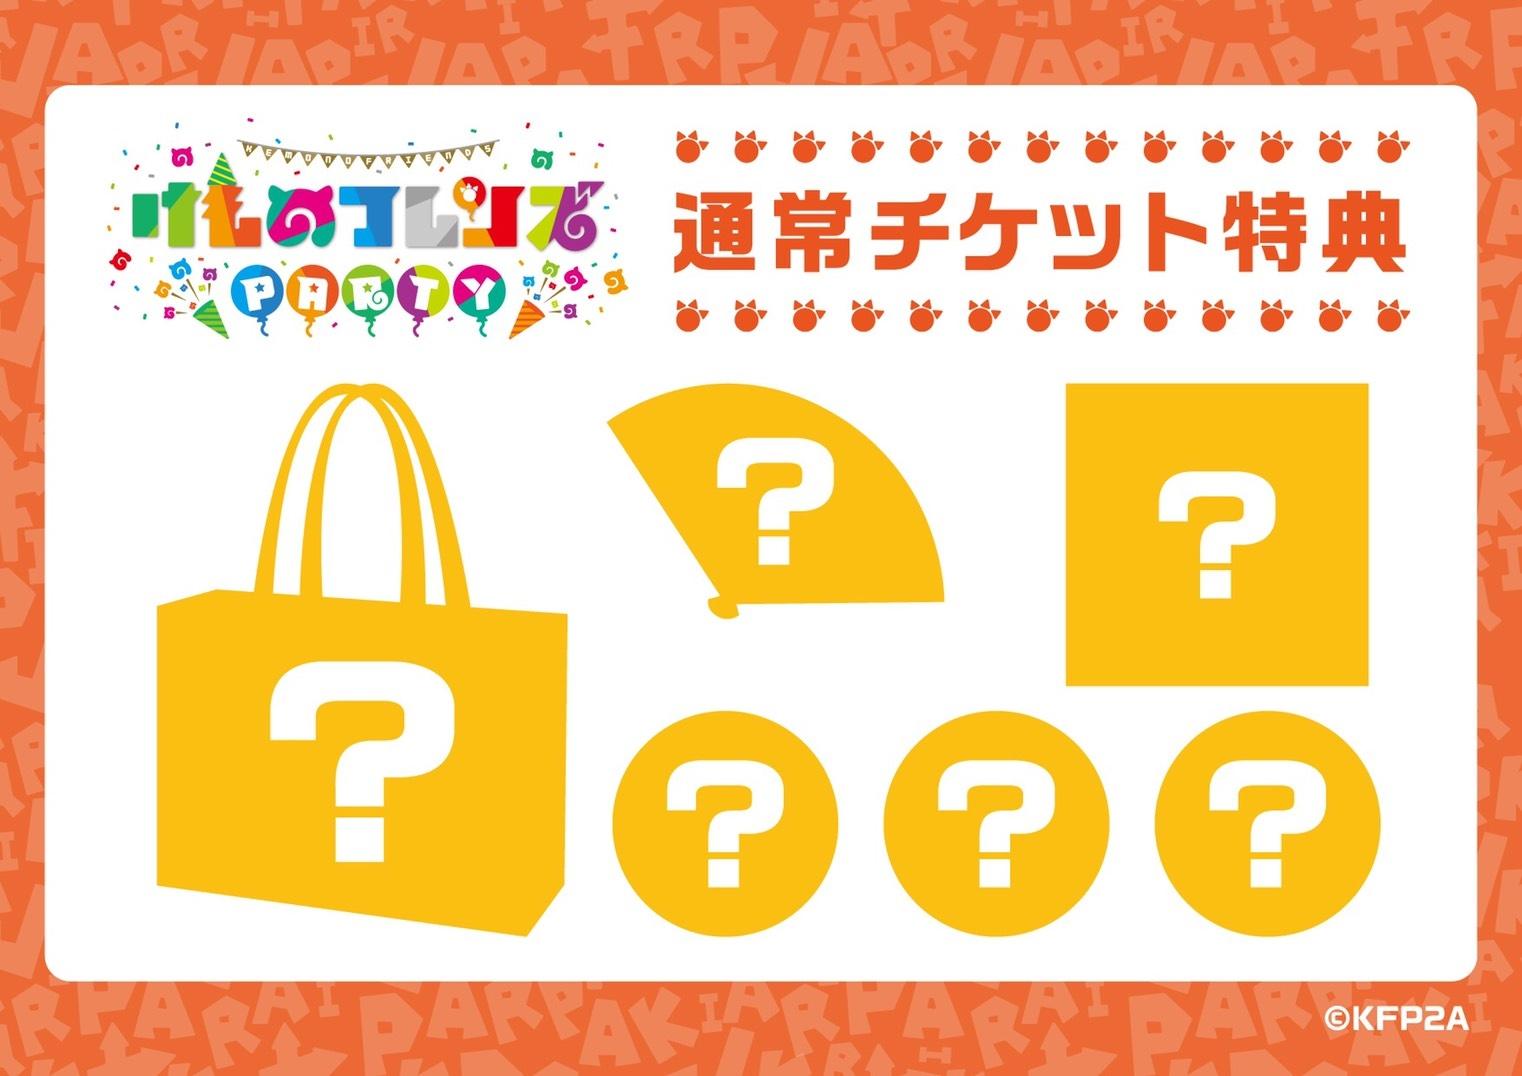 『けものフレンズ』フェネック役を務めた本宮佳奈さんが「けものフレンズプロジェクト」を卒業!「けものフレンズPARTY」が最後のイベントに-3